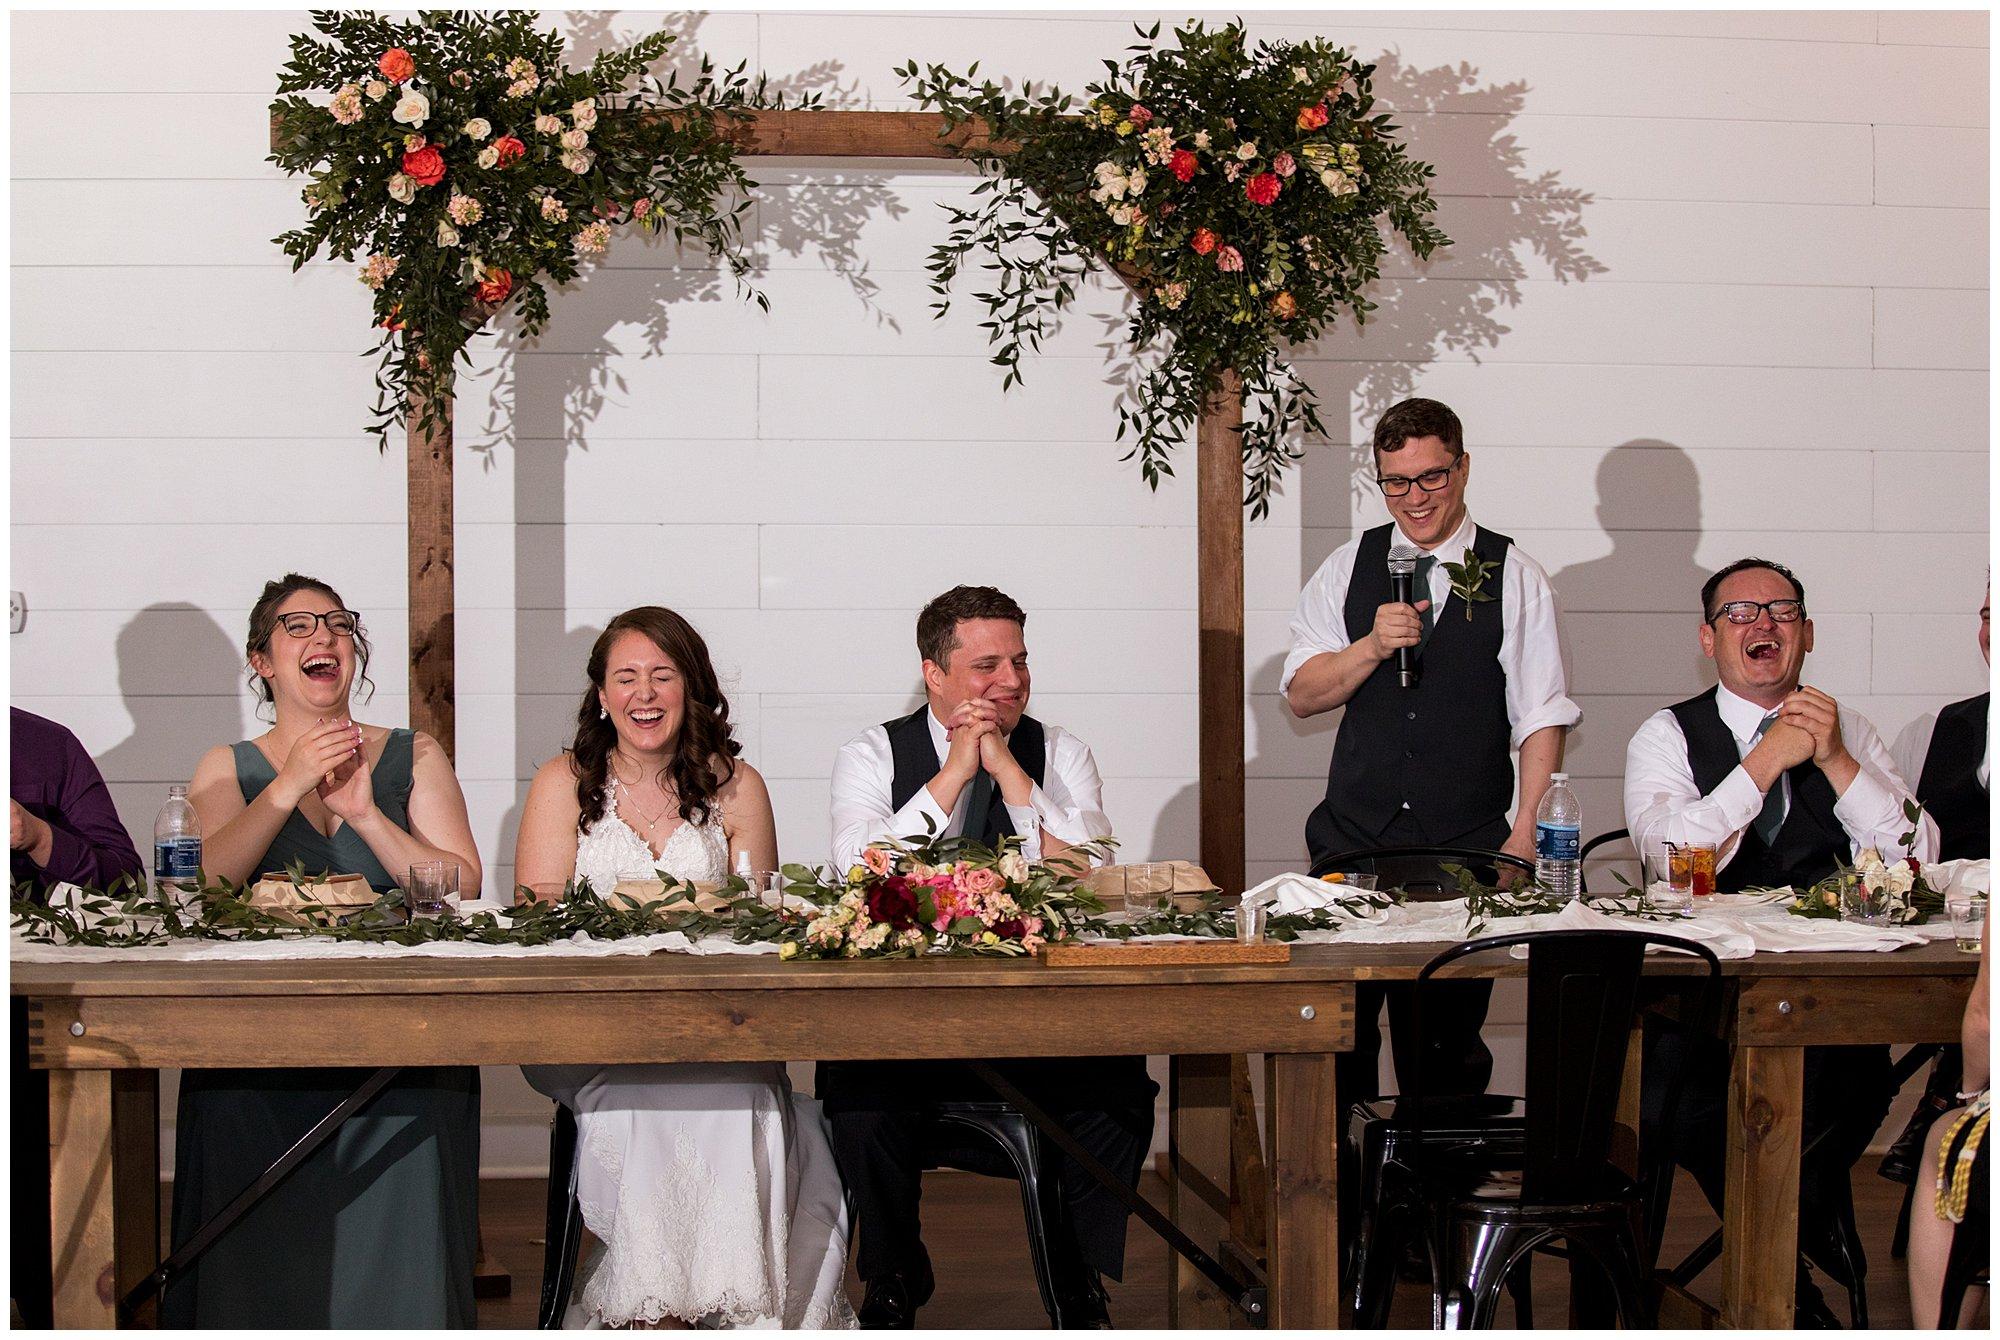 BASH wedding reception